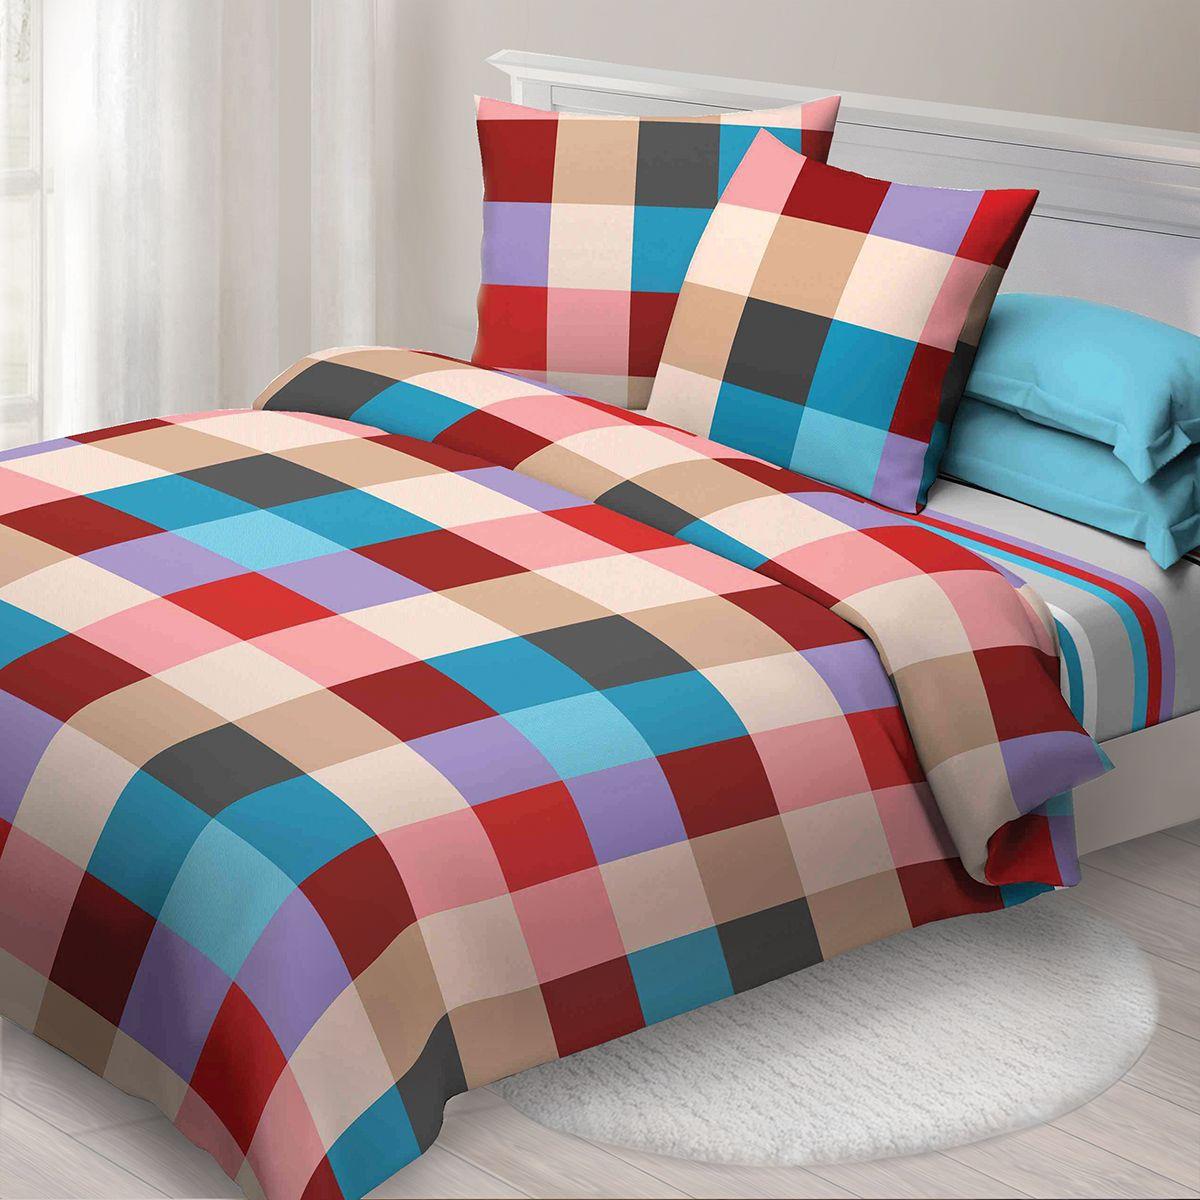 Комплект белья Спал Спалыч Рэйчел, 2-х спальное, наволочки 70x70, цвет: бордовый. 4082-182453